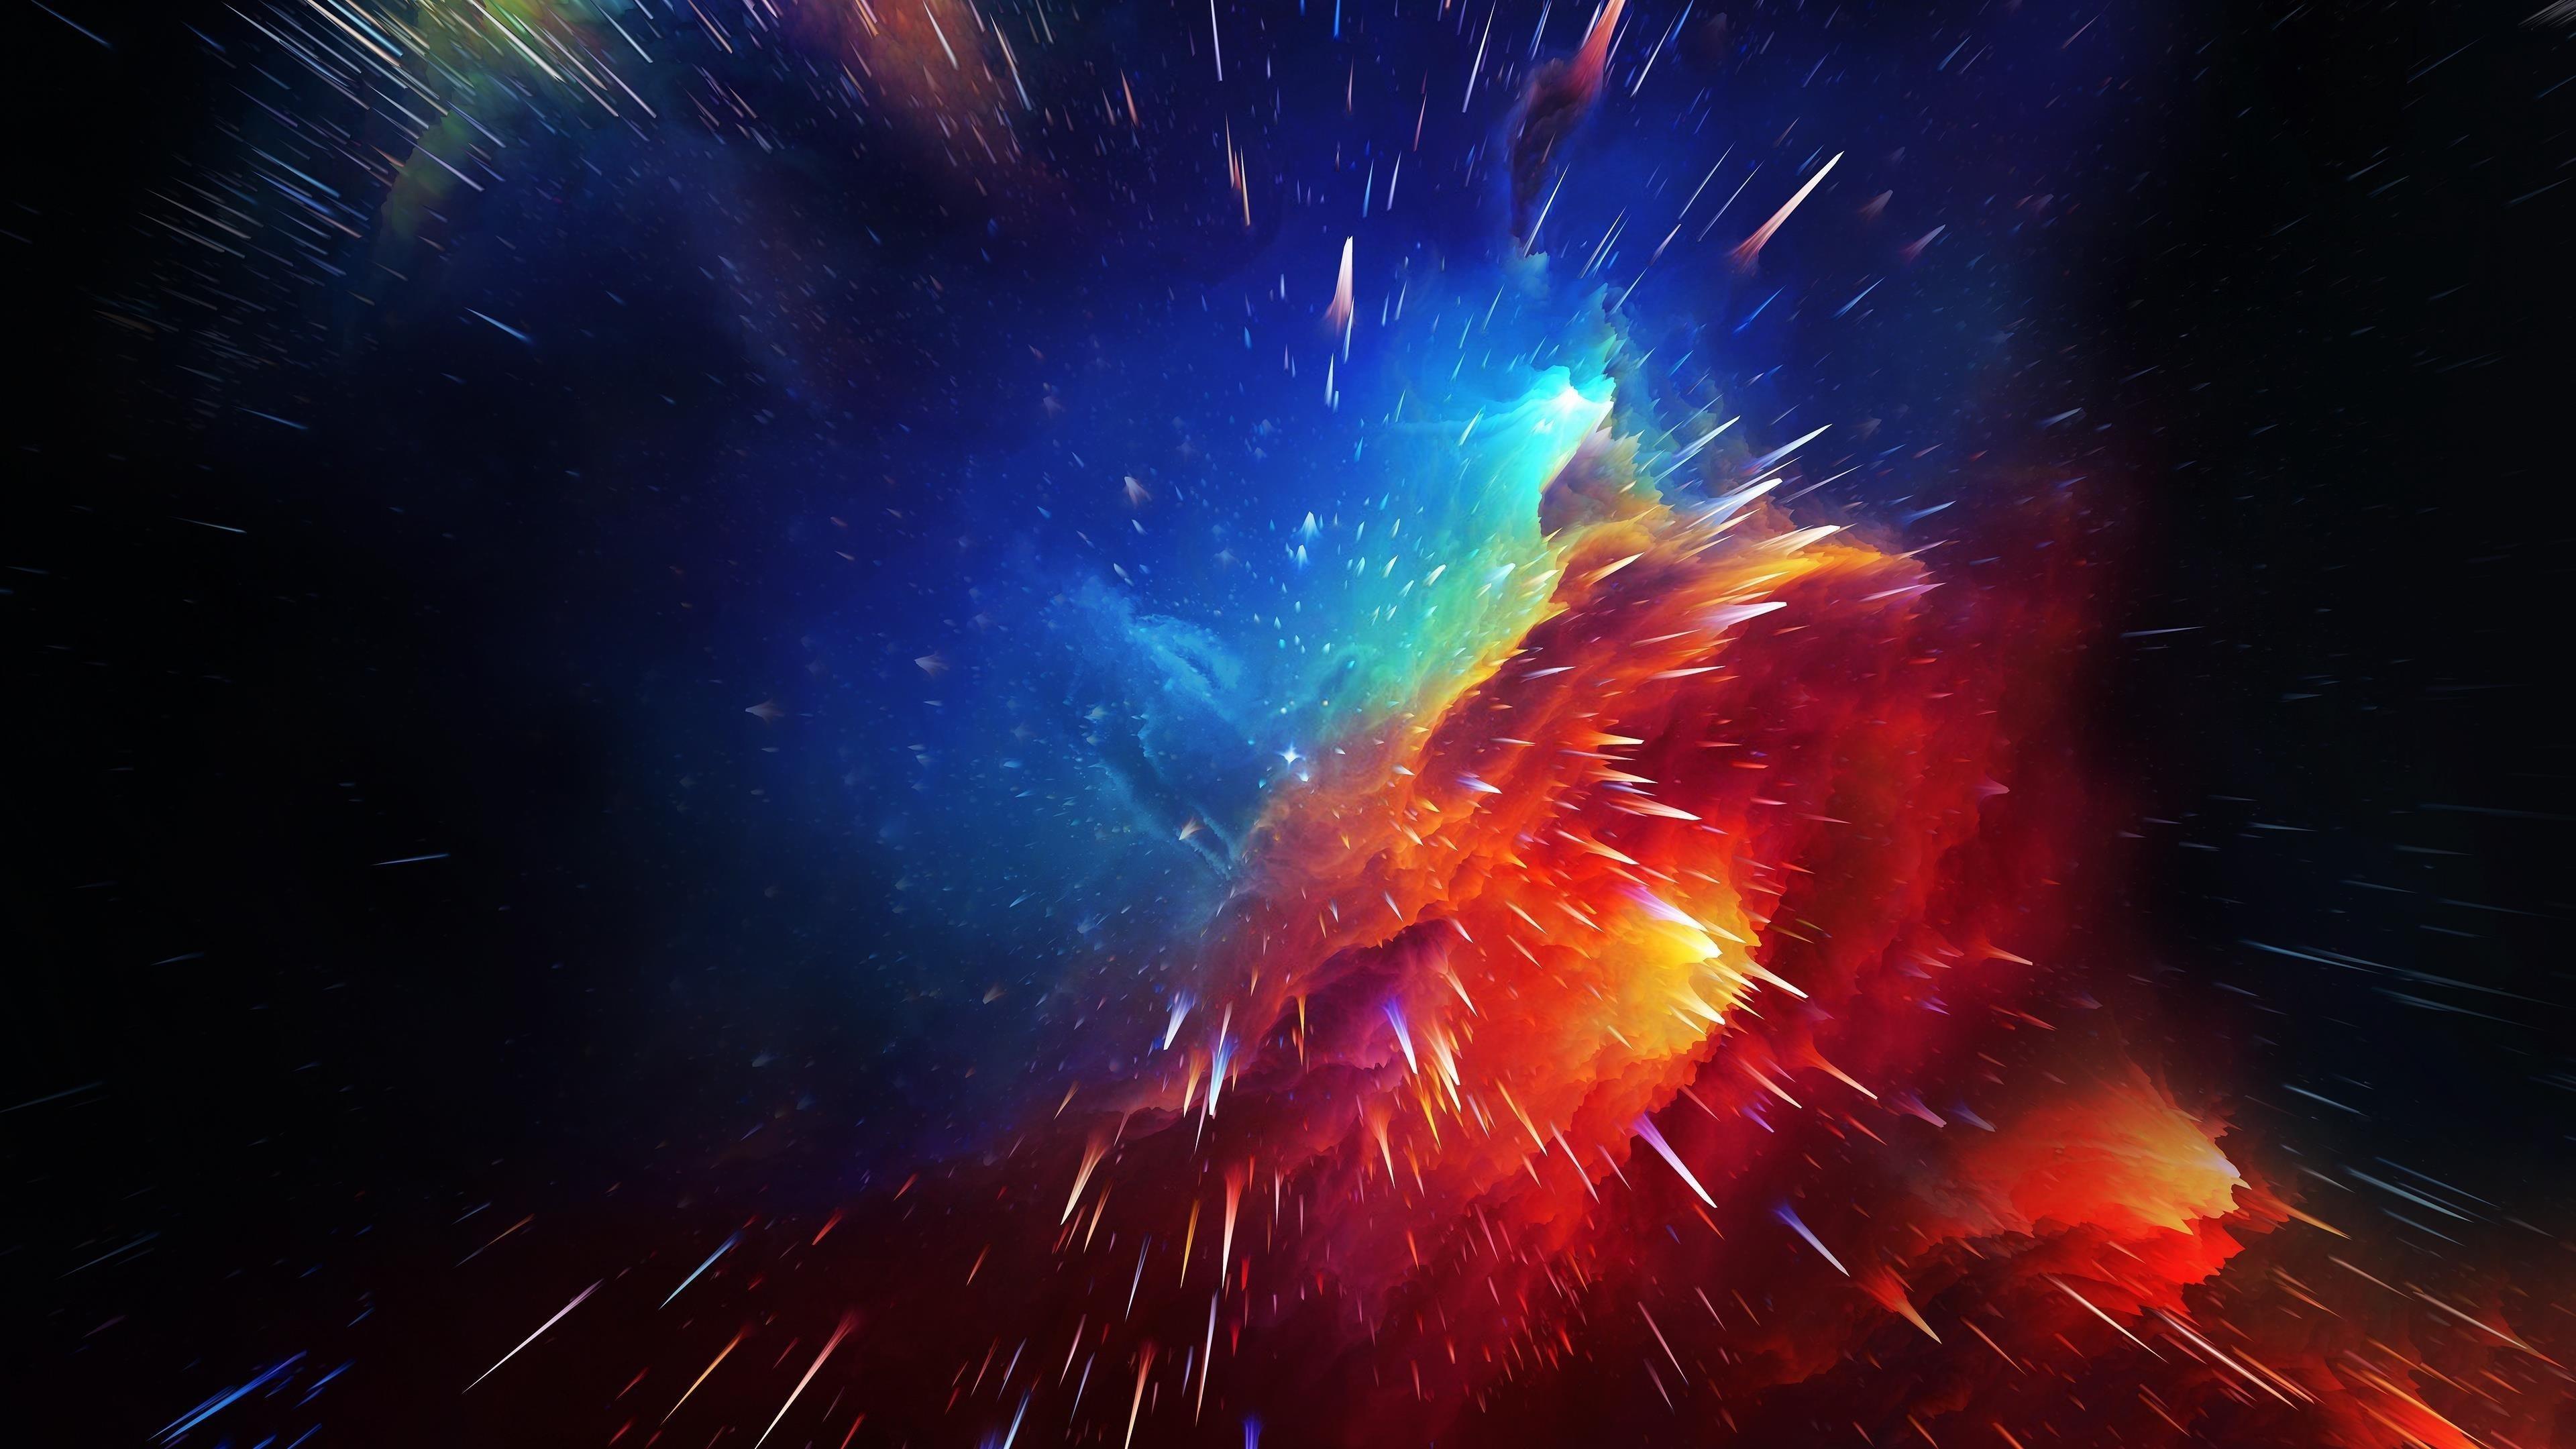 Космическая туманность обои скачать